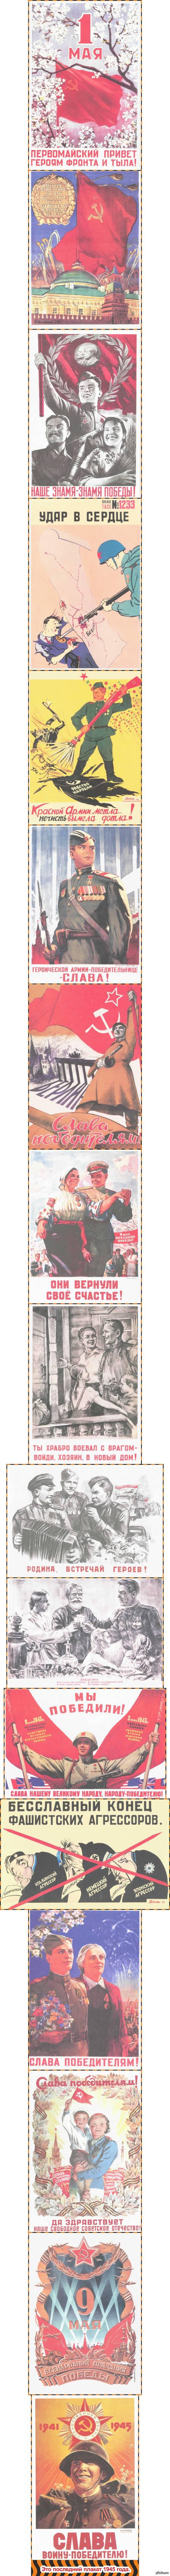 Плакаты великой отечественной войны (1945 год) часть 2 Вот и все плакаты, что имелись у меня, за время ВОВ. Ссылки по частям в комментариях.